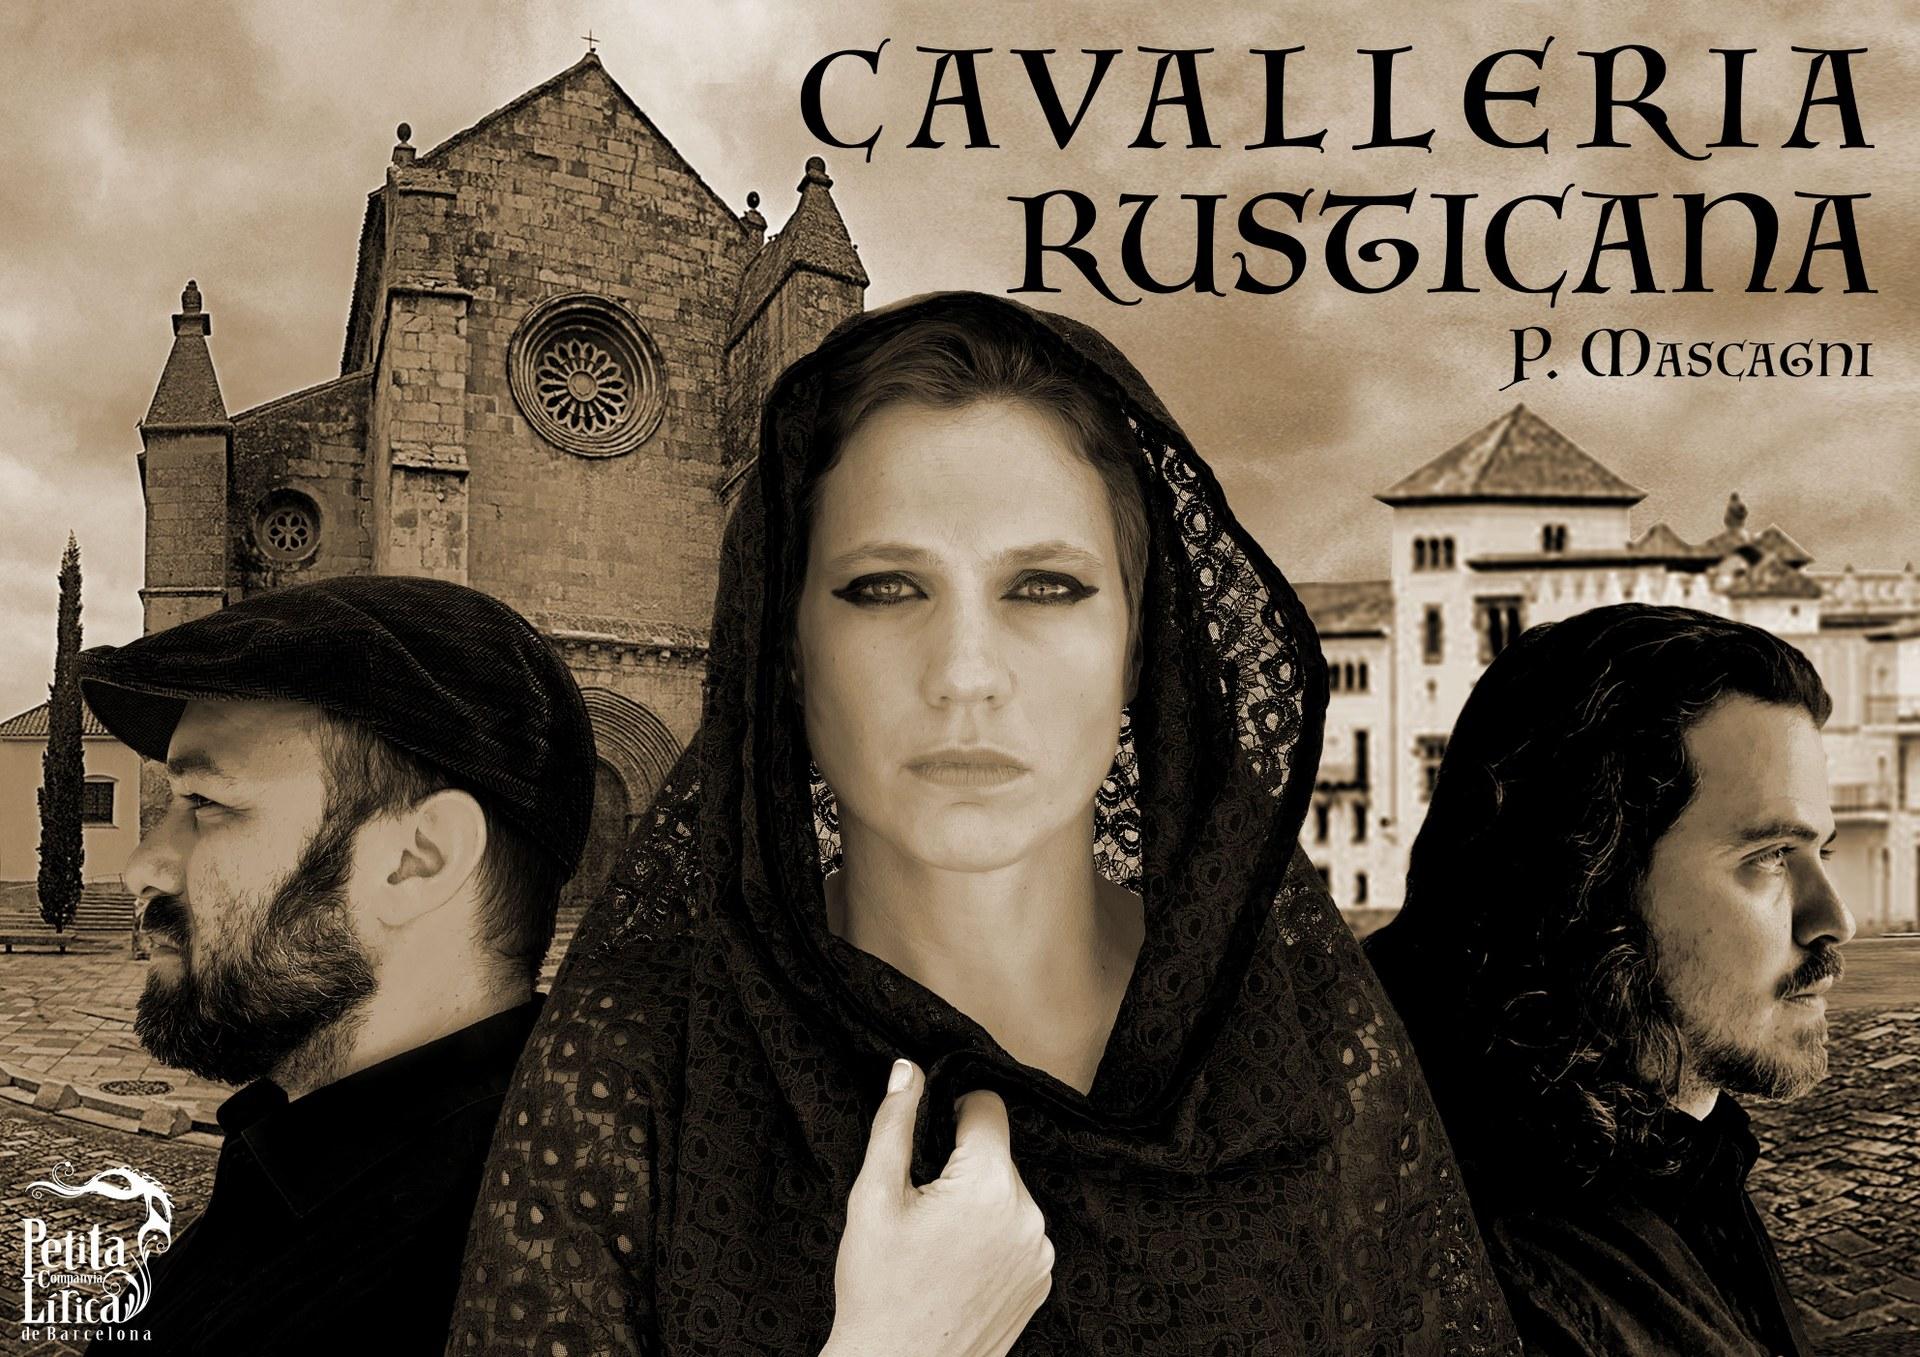 Cavalleria Rusticana - Sitgestiu